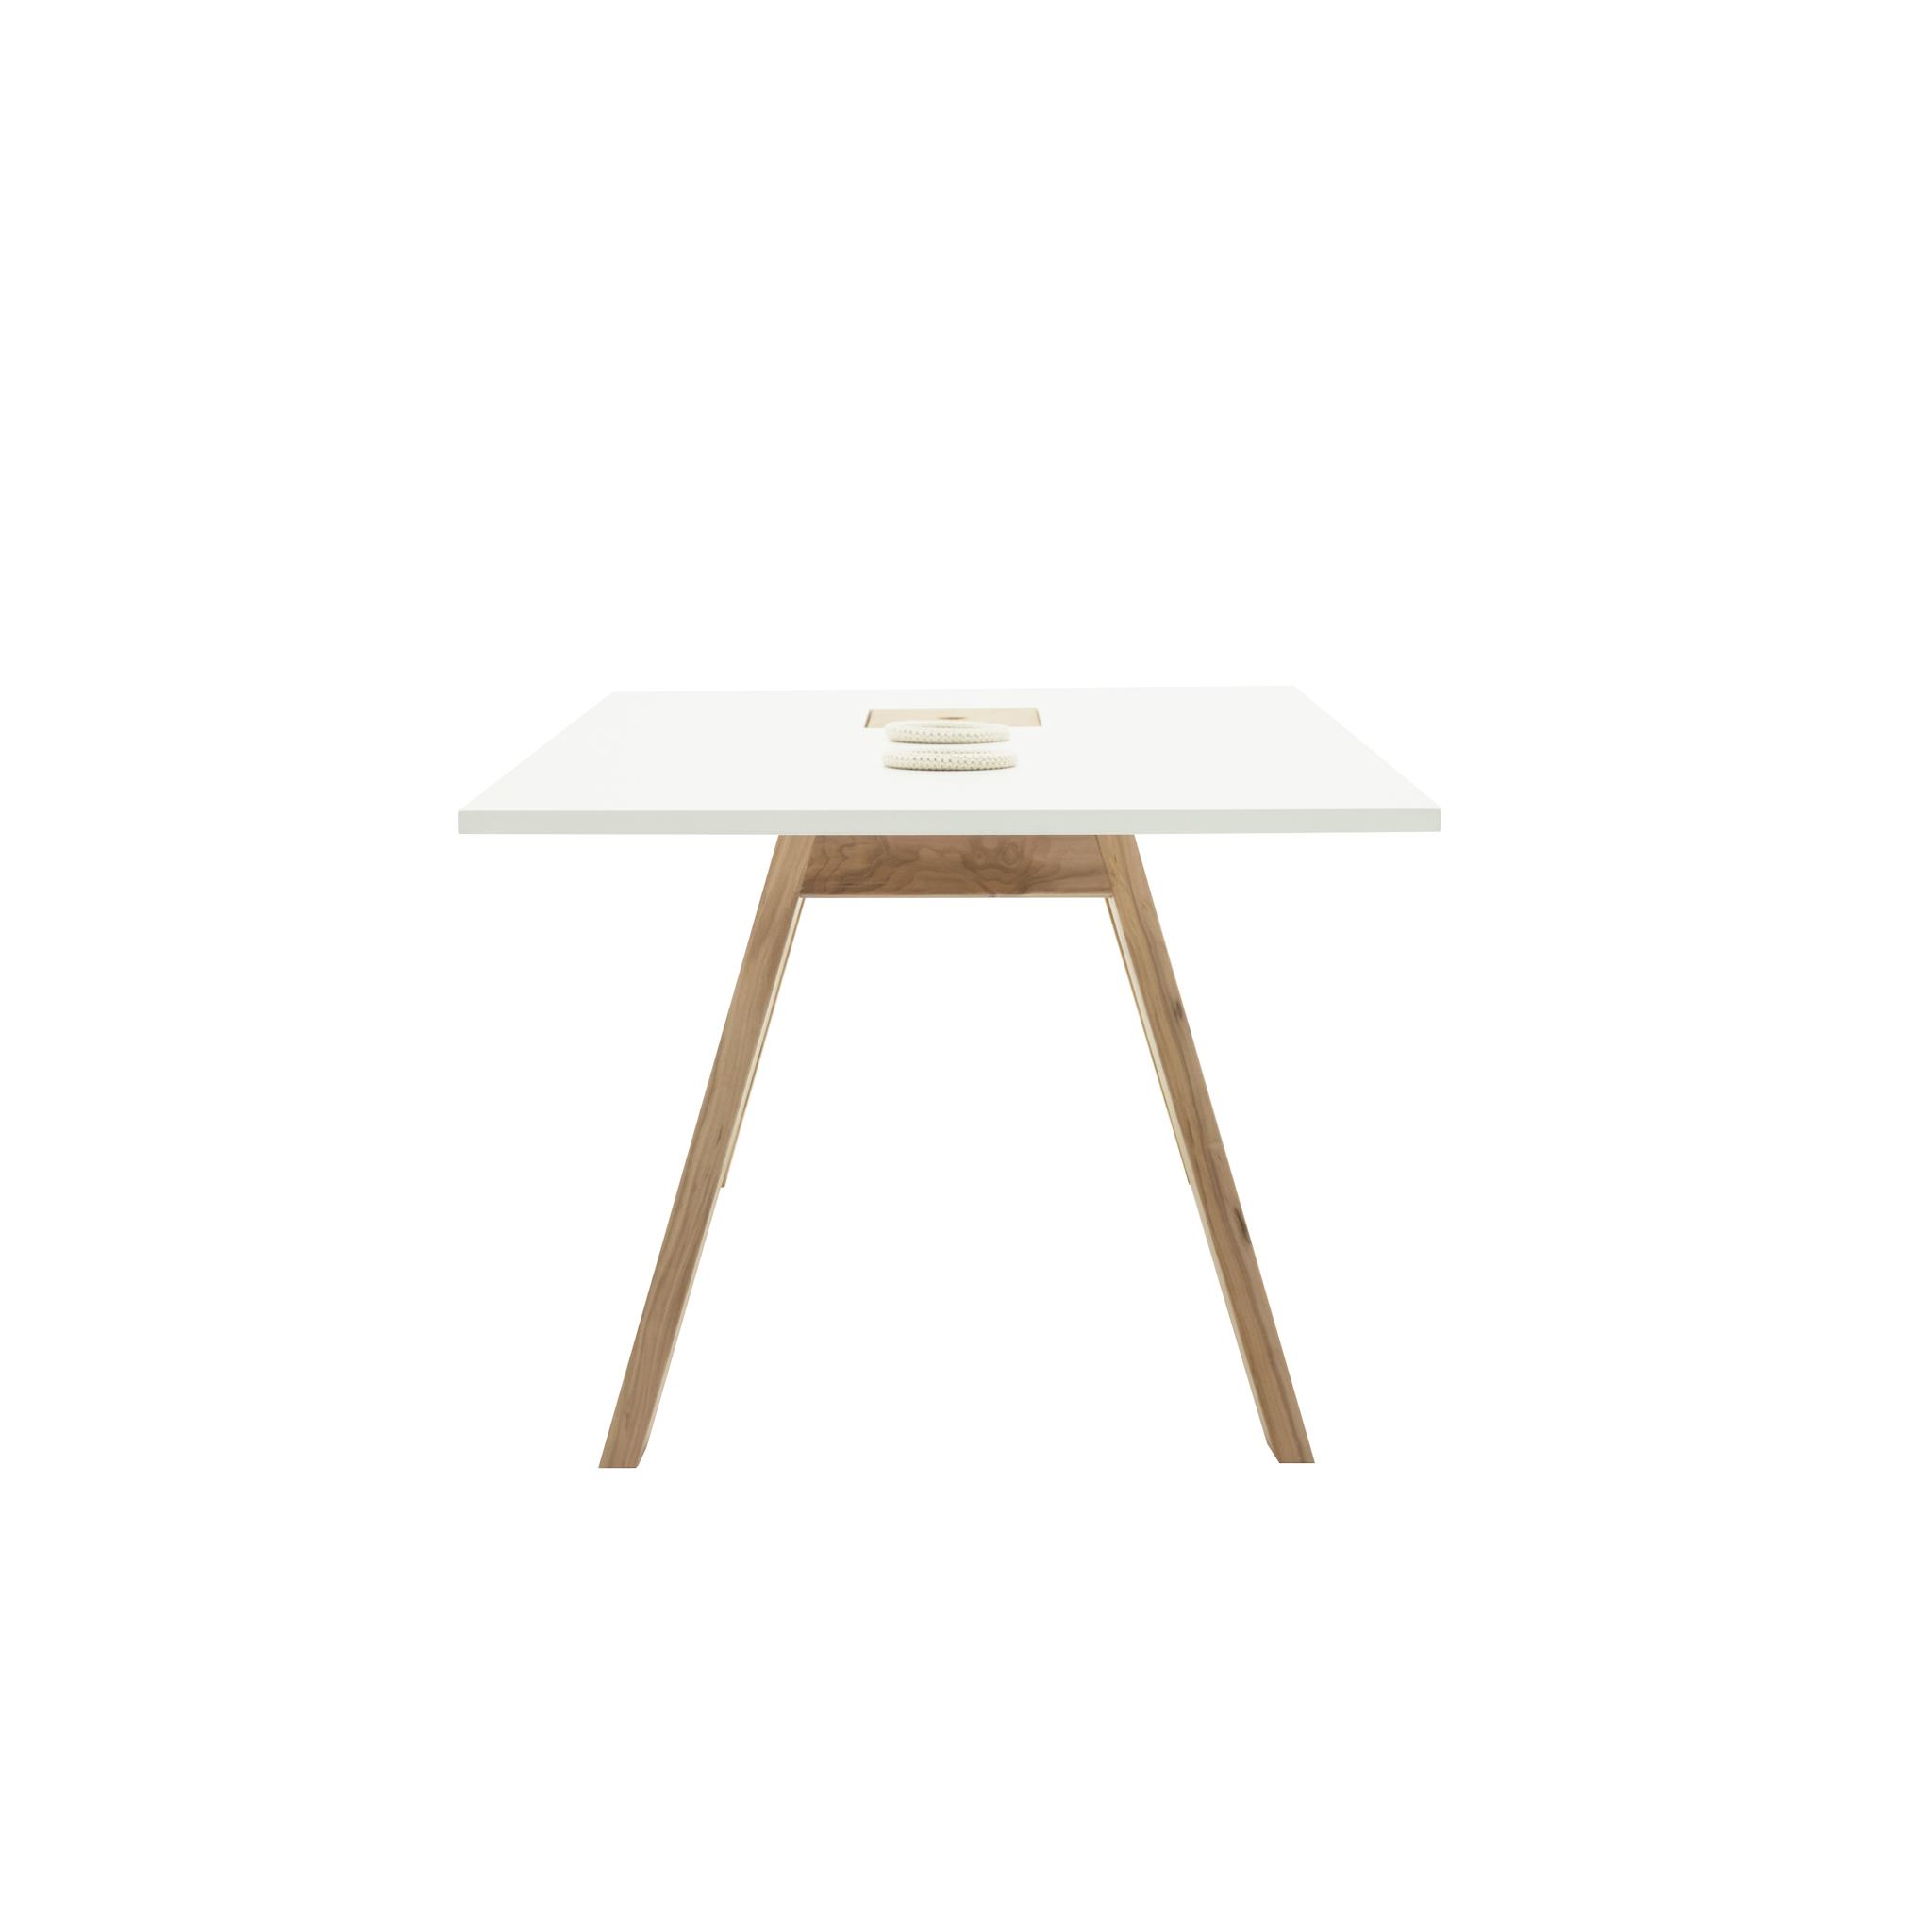 KH_Mini-Maxxi-Table_02.jpg